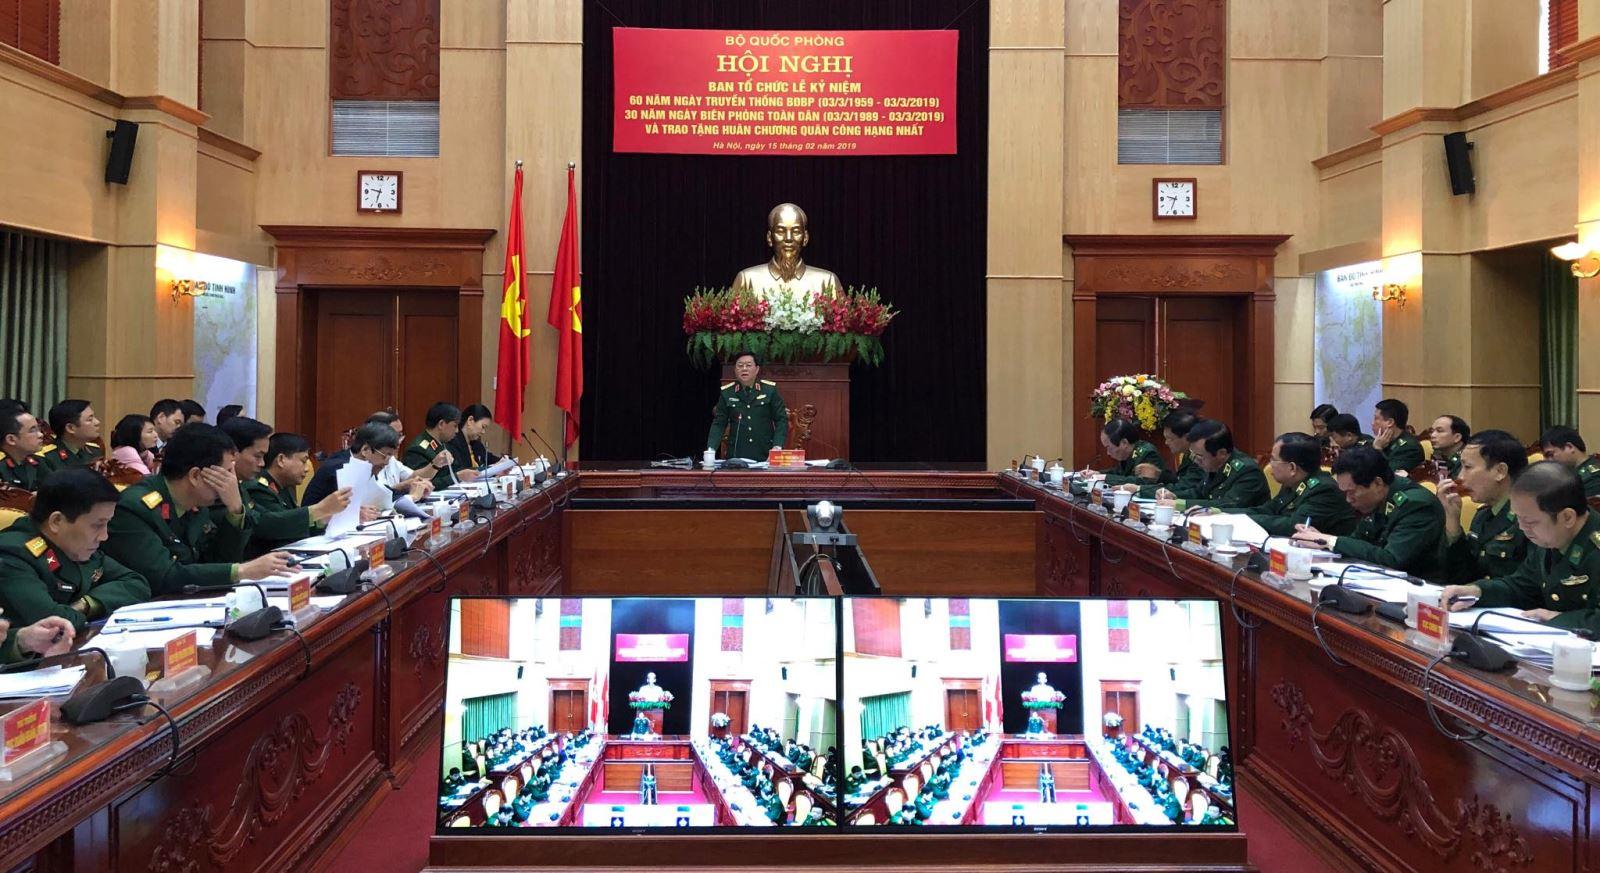 Thượng tướng Nguyễn Trọng Nghĩa, Ủy viên Trung ương Đảng, Phó chủ nhiệm Tổng Cục Chính trị chủ trì Hội nghị. Ảnh: Viết Tôn